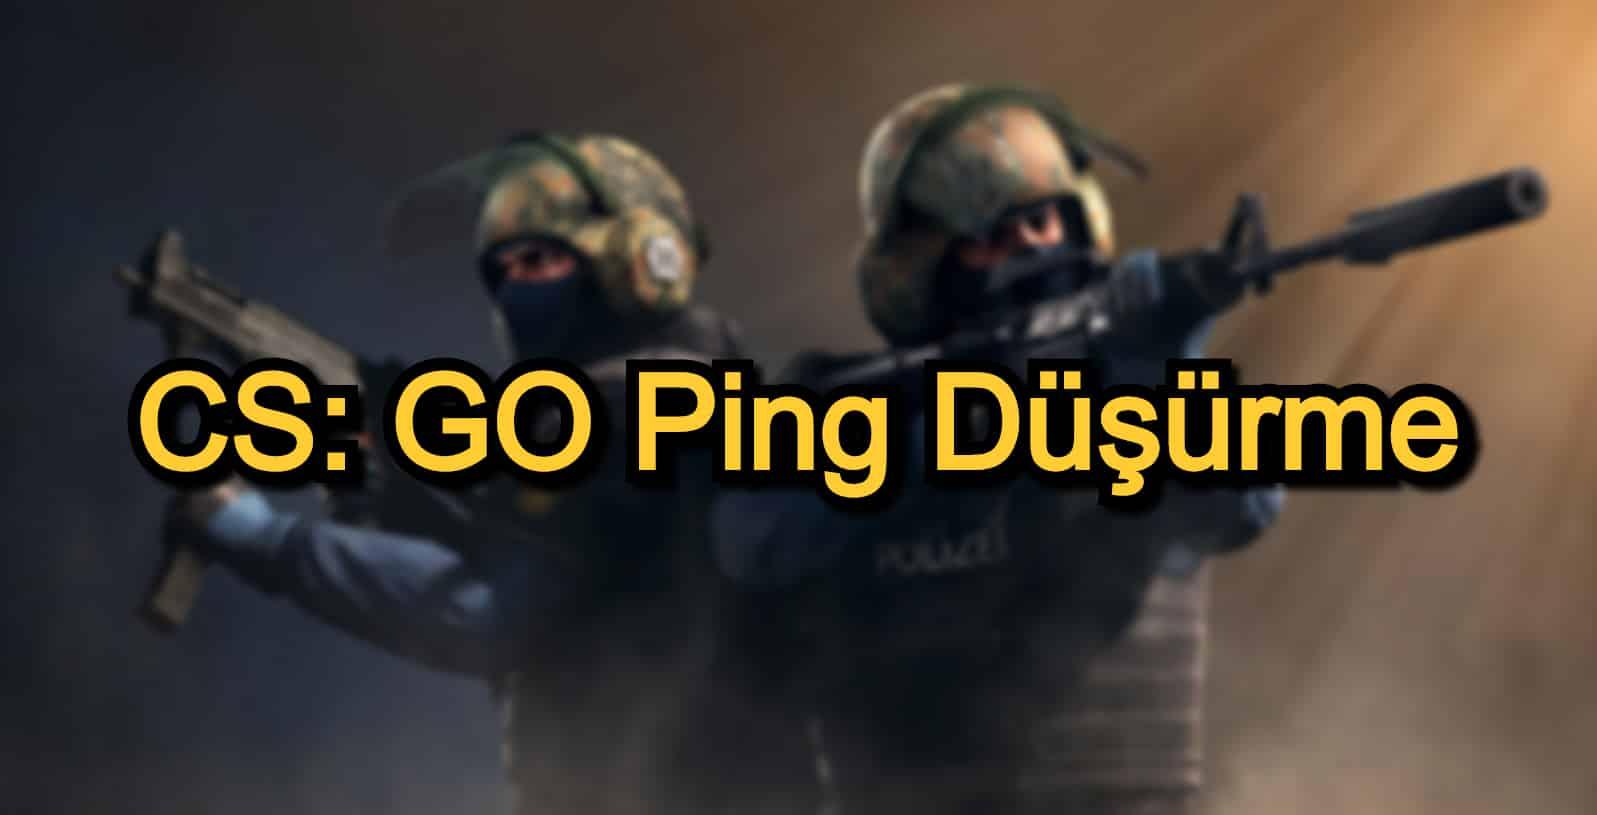 CS: GO Ping Düşürme Nedir? – CS: GO Ping Düşürme Yöntemleri